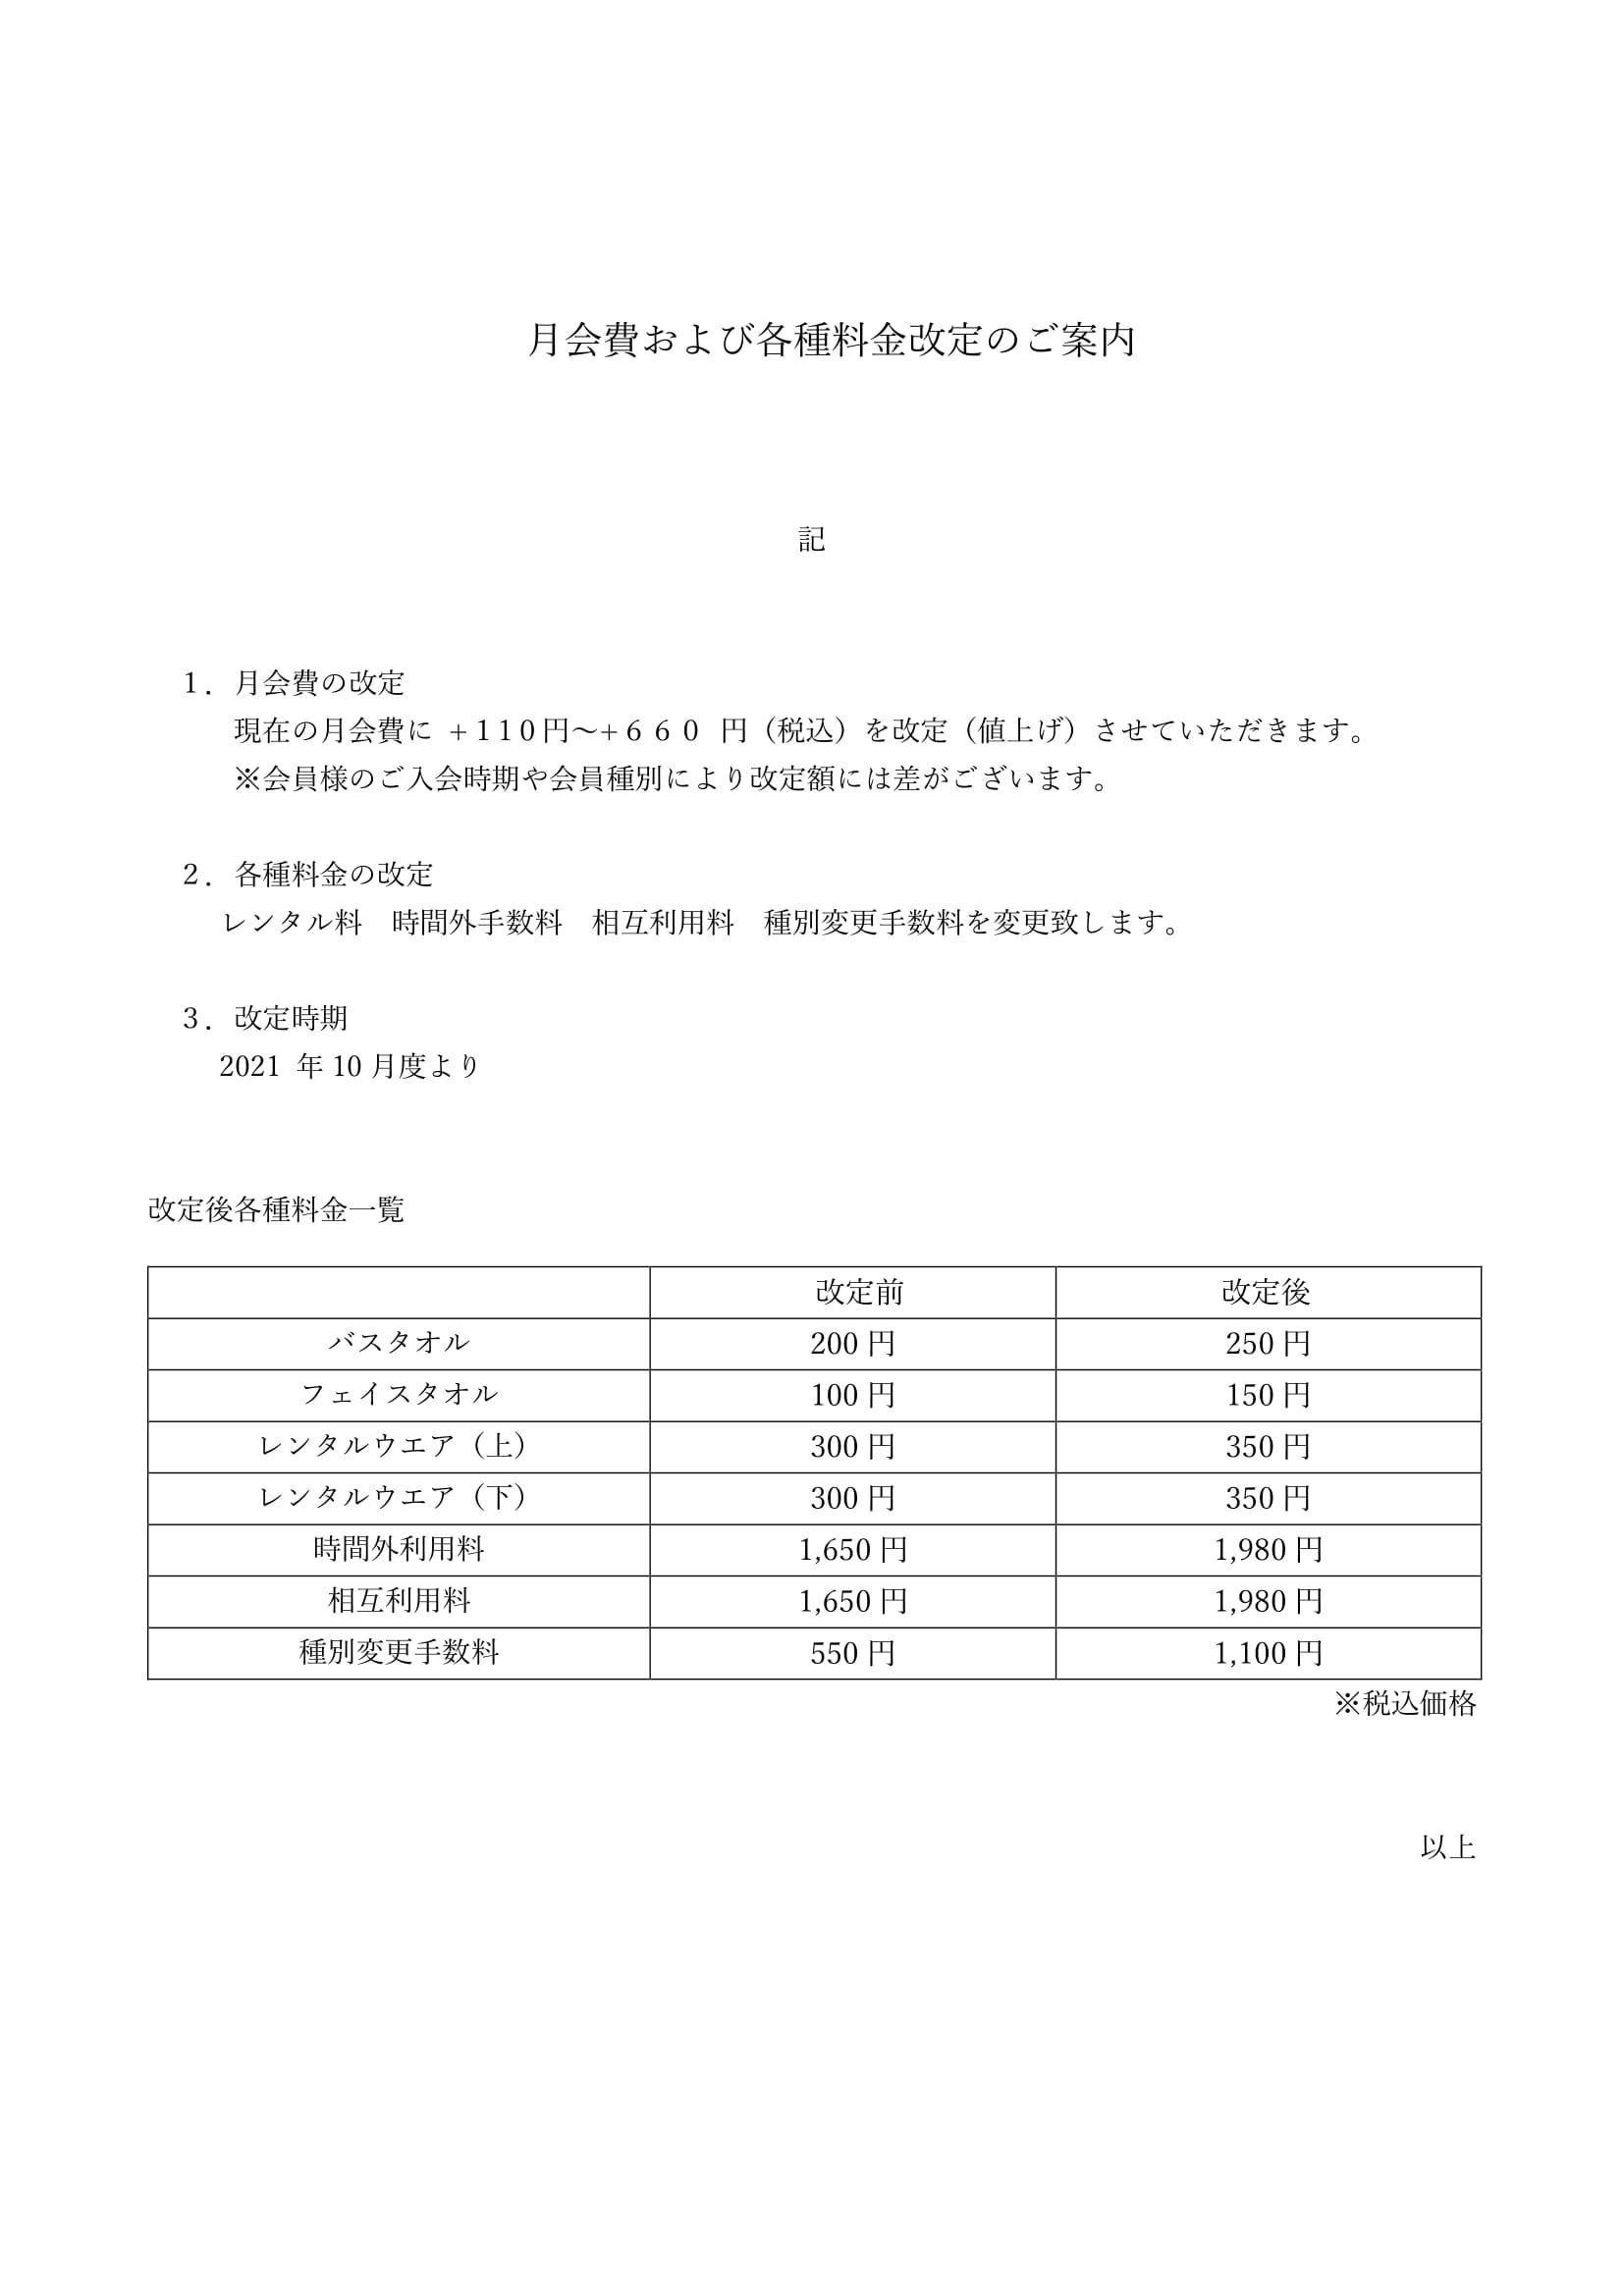 210729  ③【月会費&各種料金値上げ】告知文 (1)-2